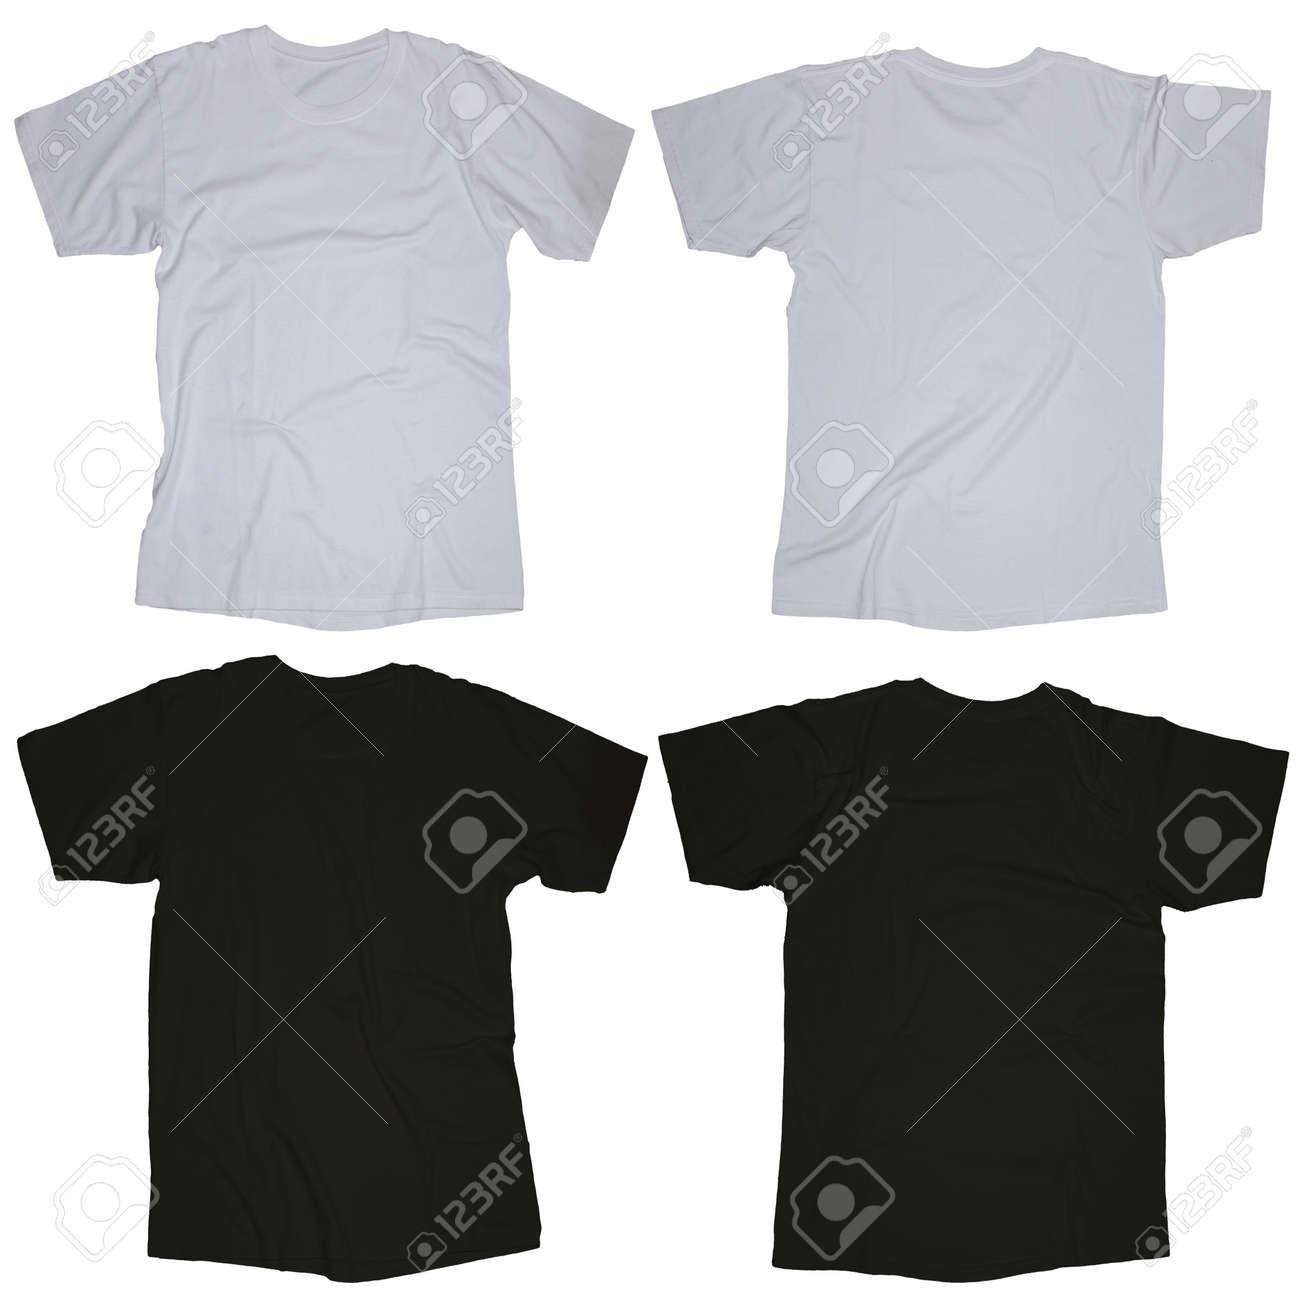 Kantige Leere Schwarze Und Weiße Leere T-Shirt-Vorlage, Vorne Und ...